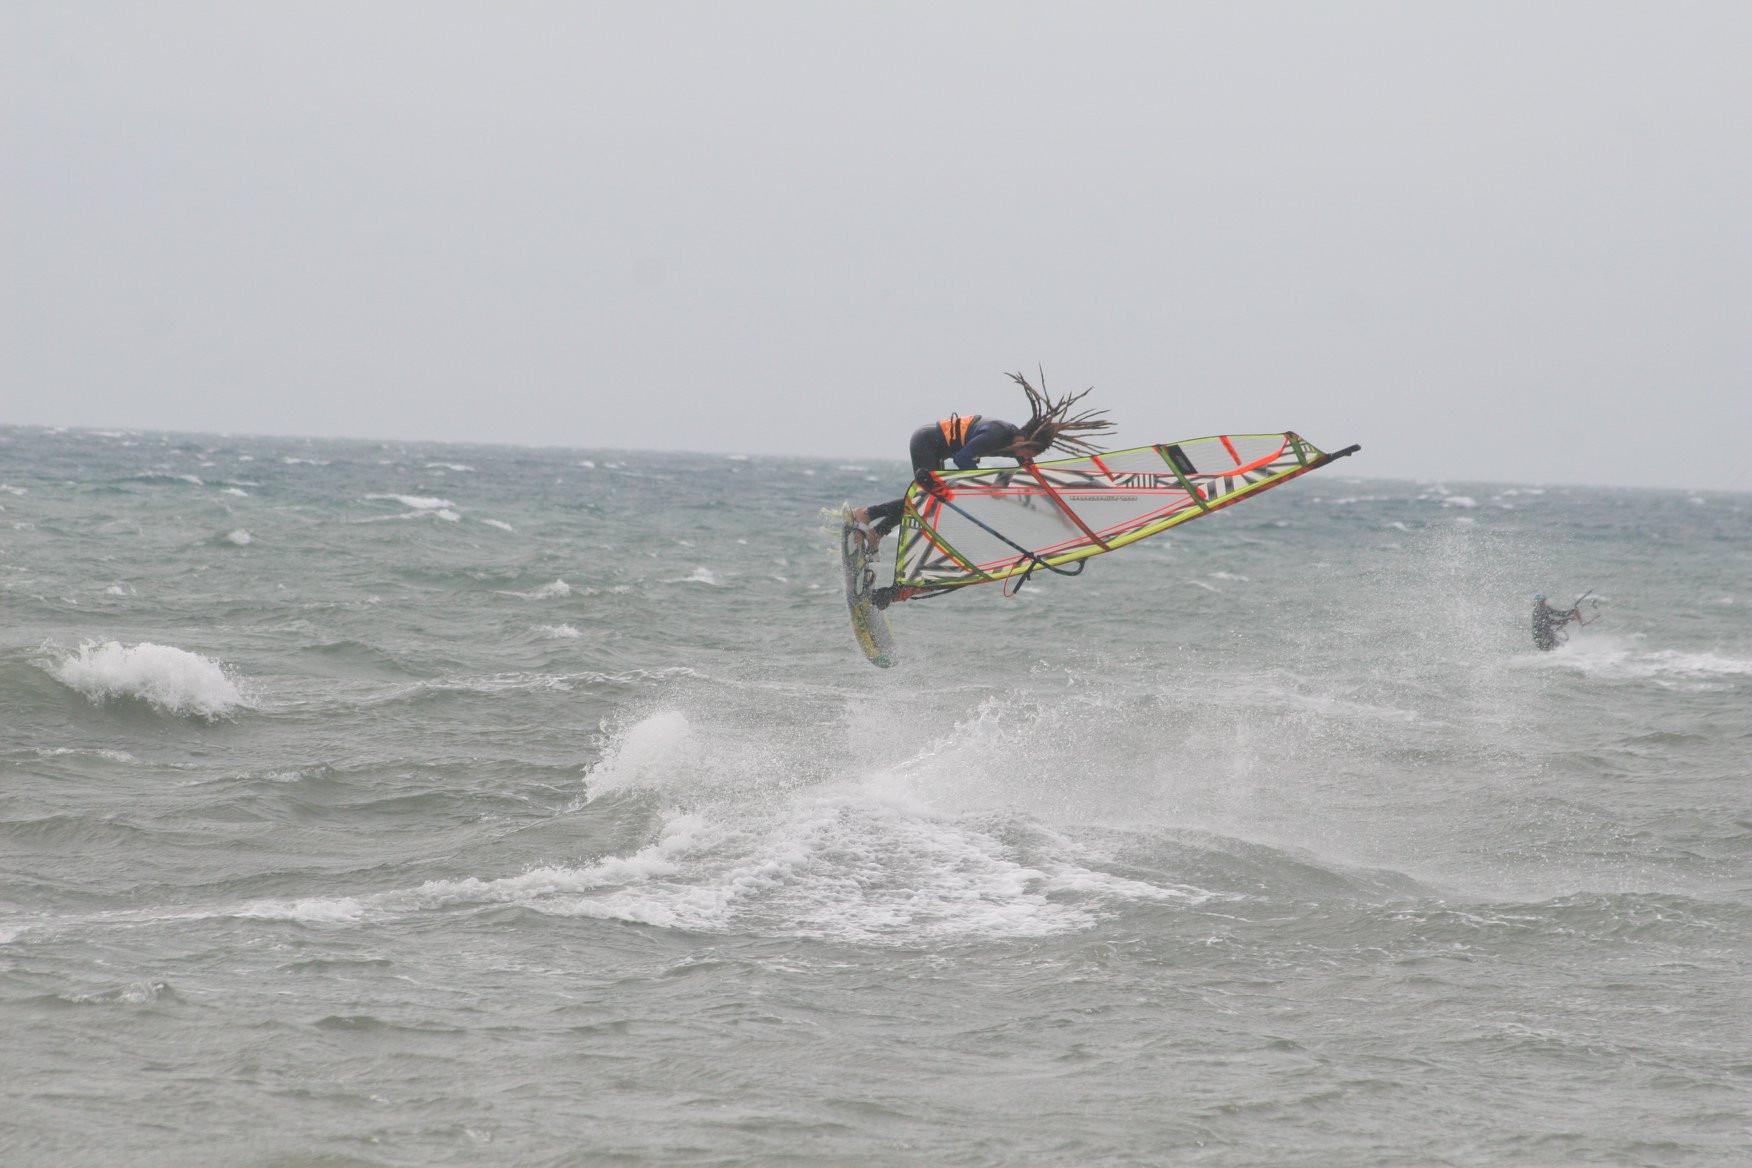 Lezione di Windsurf - da intermedio ad avanzato - a Tarquinia Lido (VT)